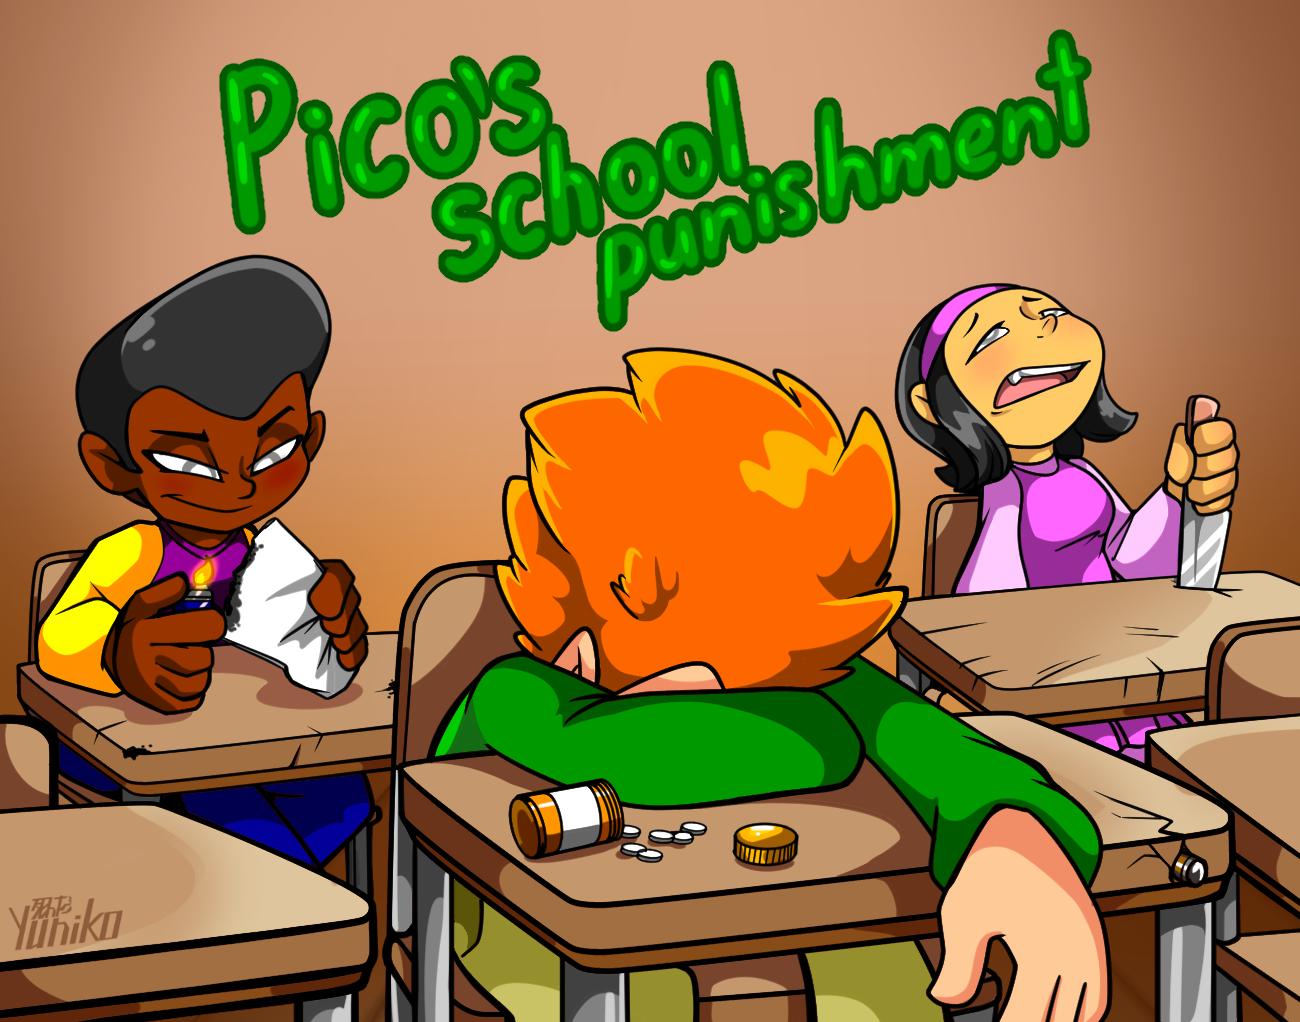 Pico's school punishment